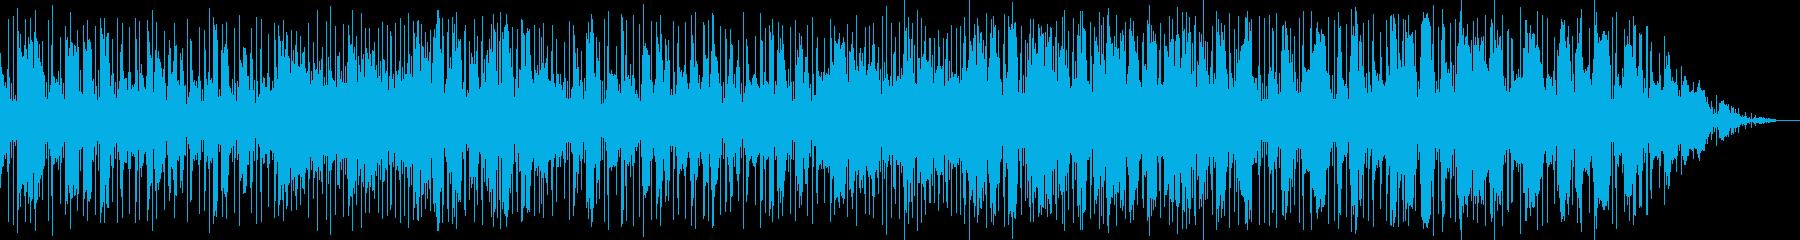 保留中のウェザーチャンネル/トラベ...の再生済みの波形